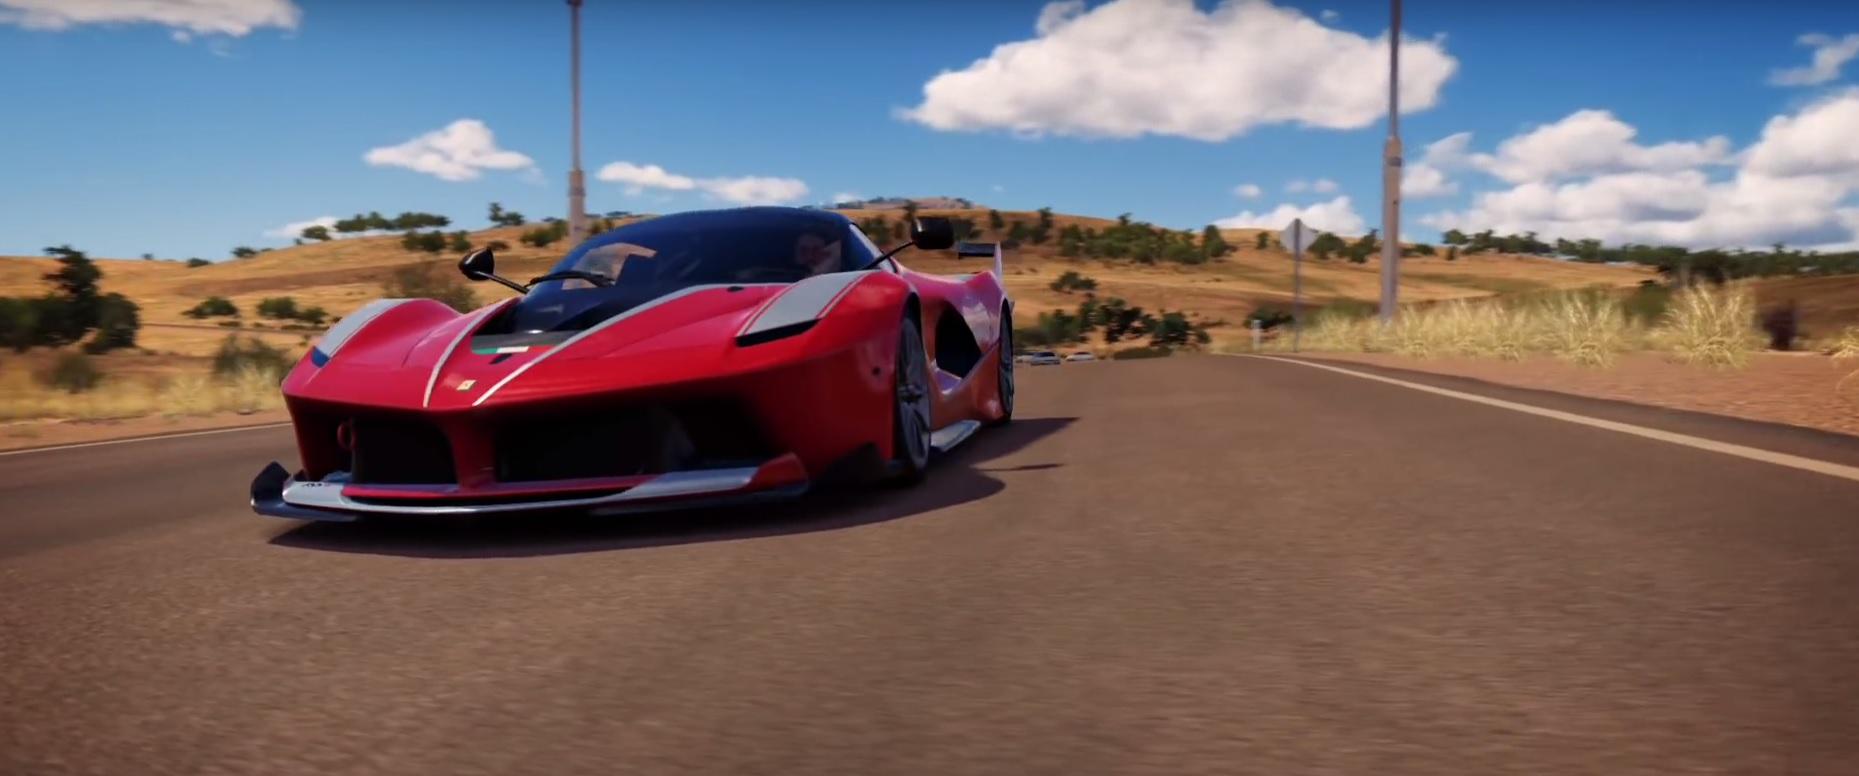 Ez a Ferrari a pokolból jött: FXX K – Forza Horizon 3 (Xbox One)